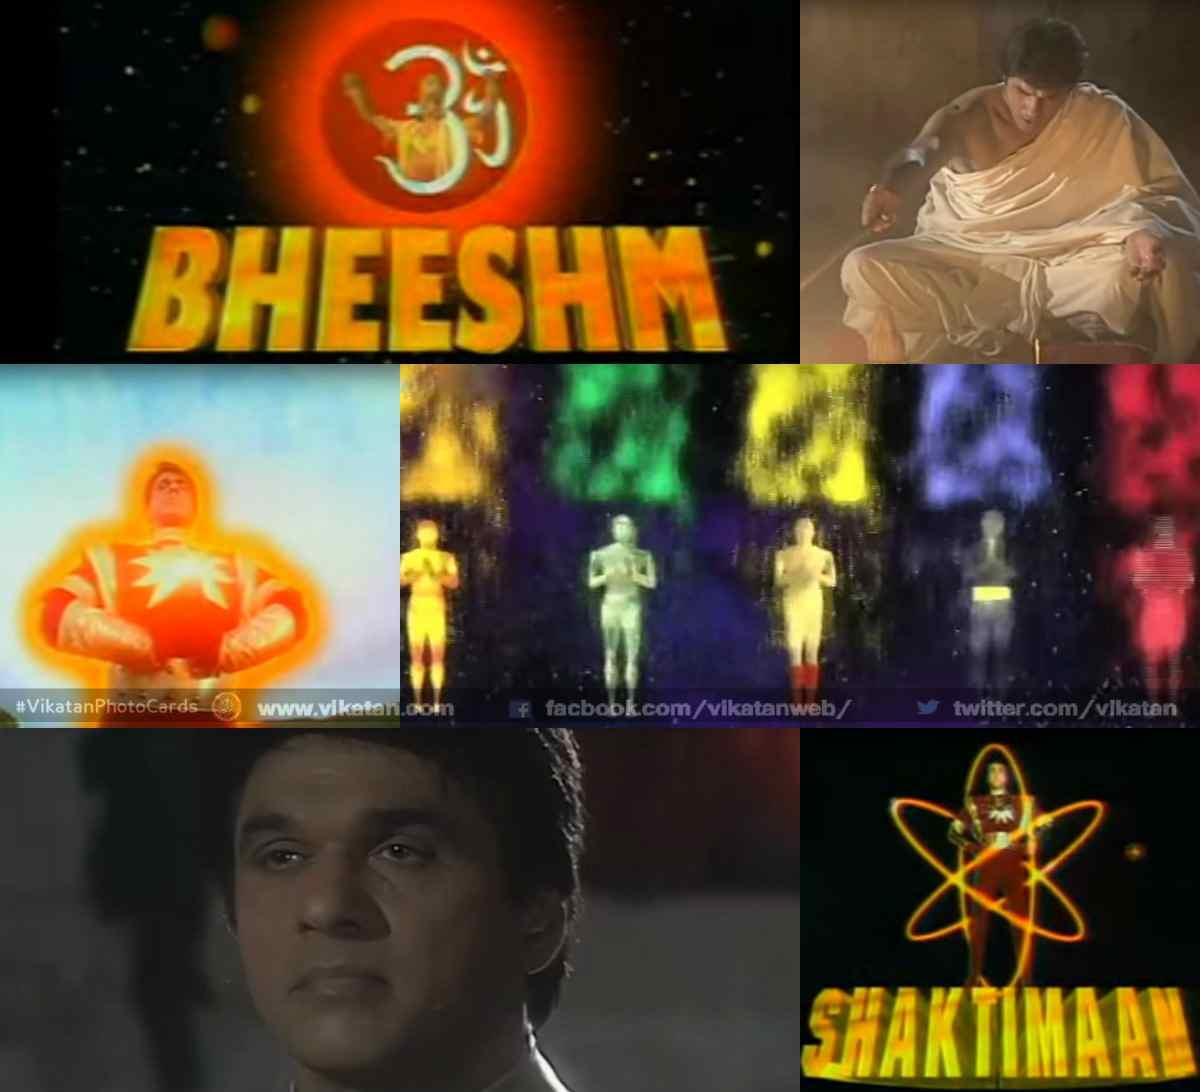 'விடாது கருப்பு', 'ஜென்மம் எக்ஸ்'... 90-களில் மெஸ்மரித்த சீரியல் டைட்டில் பாடல்கள்! #VikatanPhotoCards